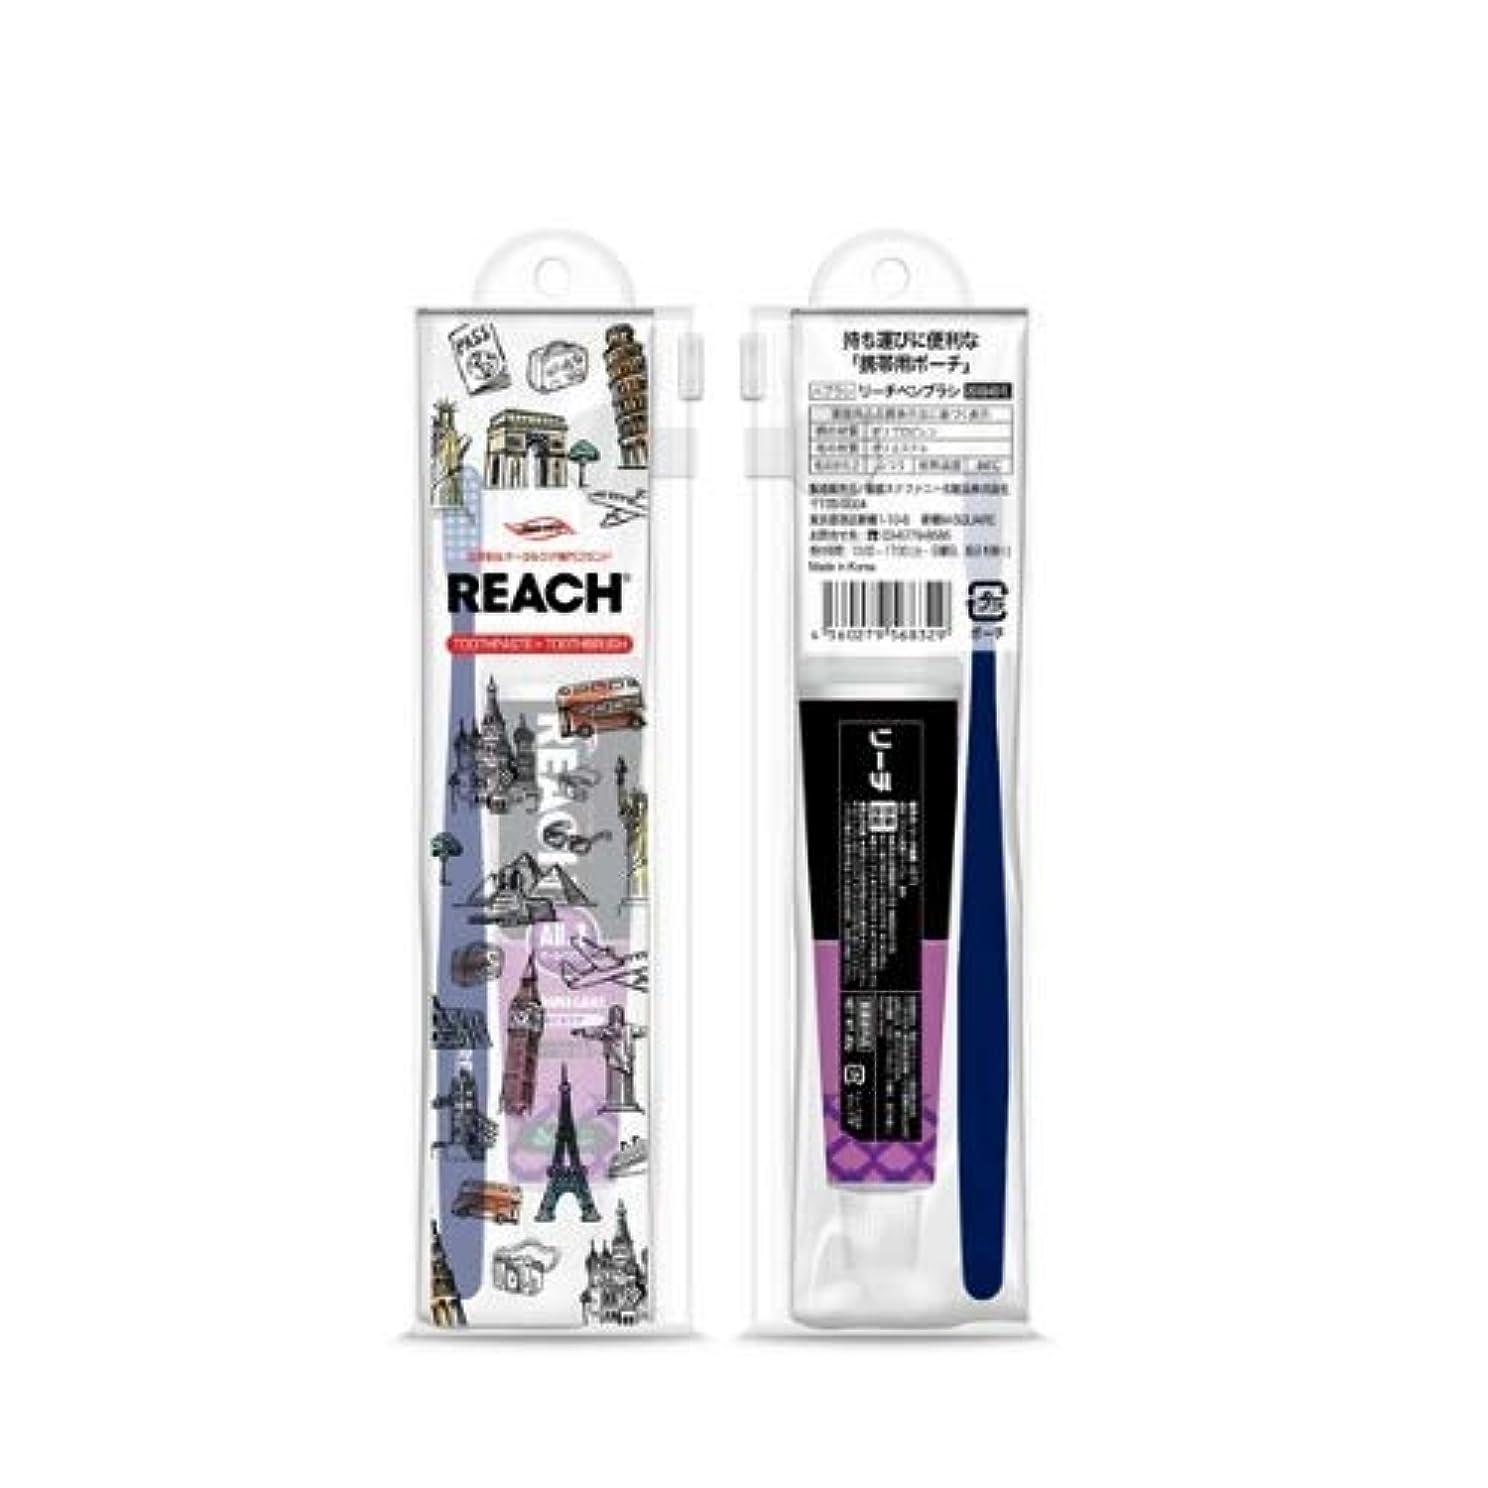 すべきお酒資格リーチトラベルセット(デンタル歯ブラシ1本?薬用歯みがき40g) × 6個セット